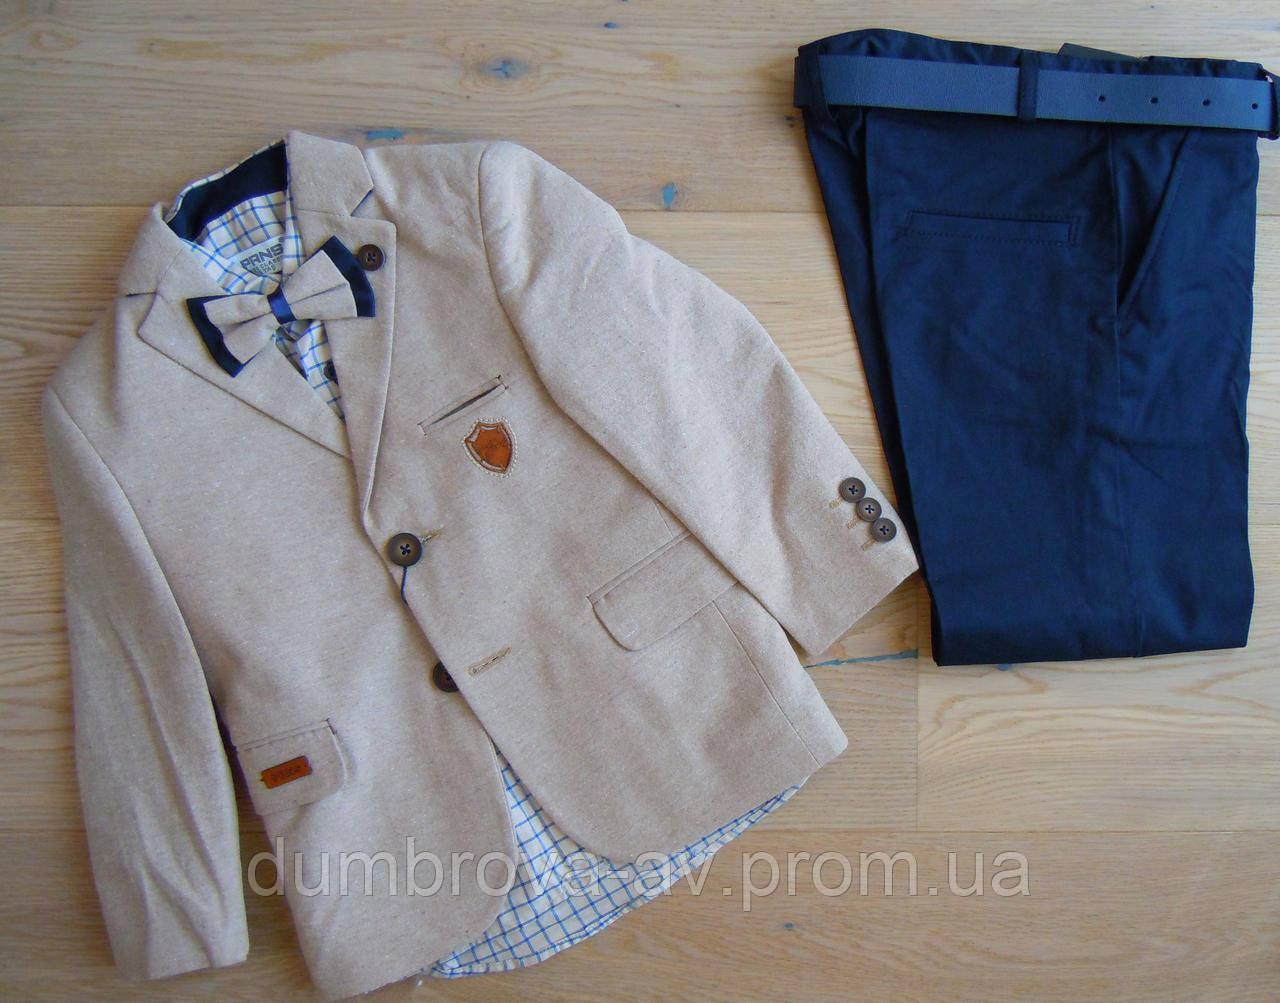 3d24be1559a Нарядный костюм на мальчика на 5 лет (брюки